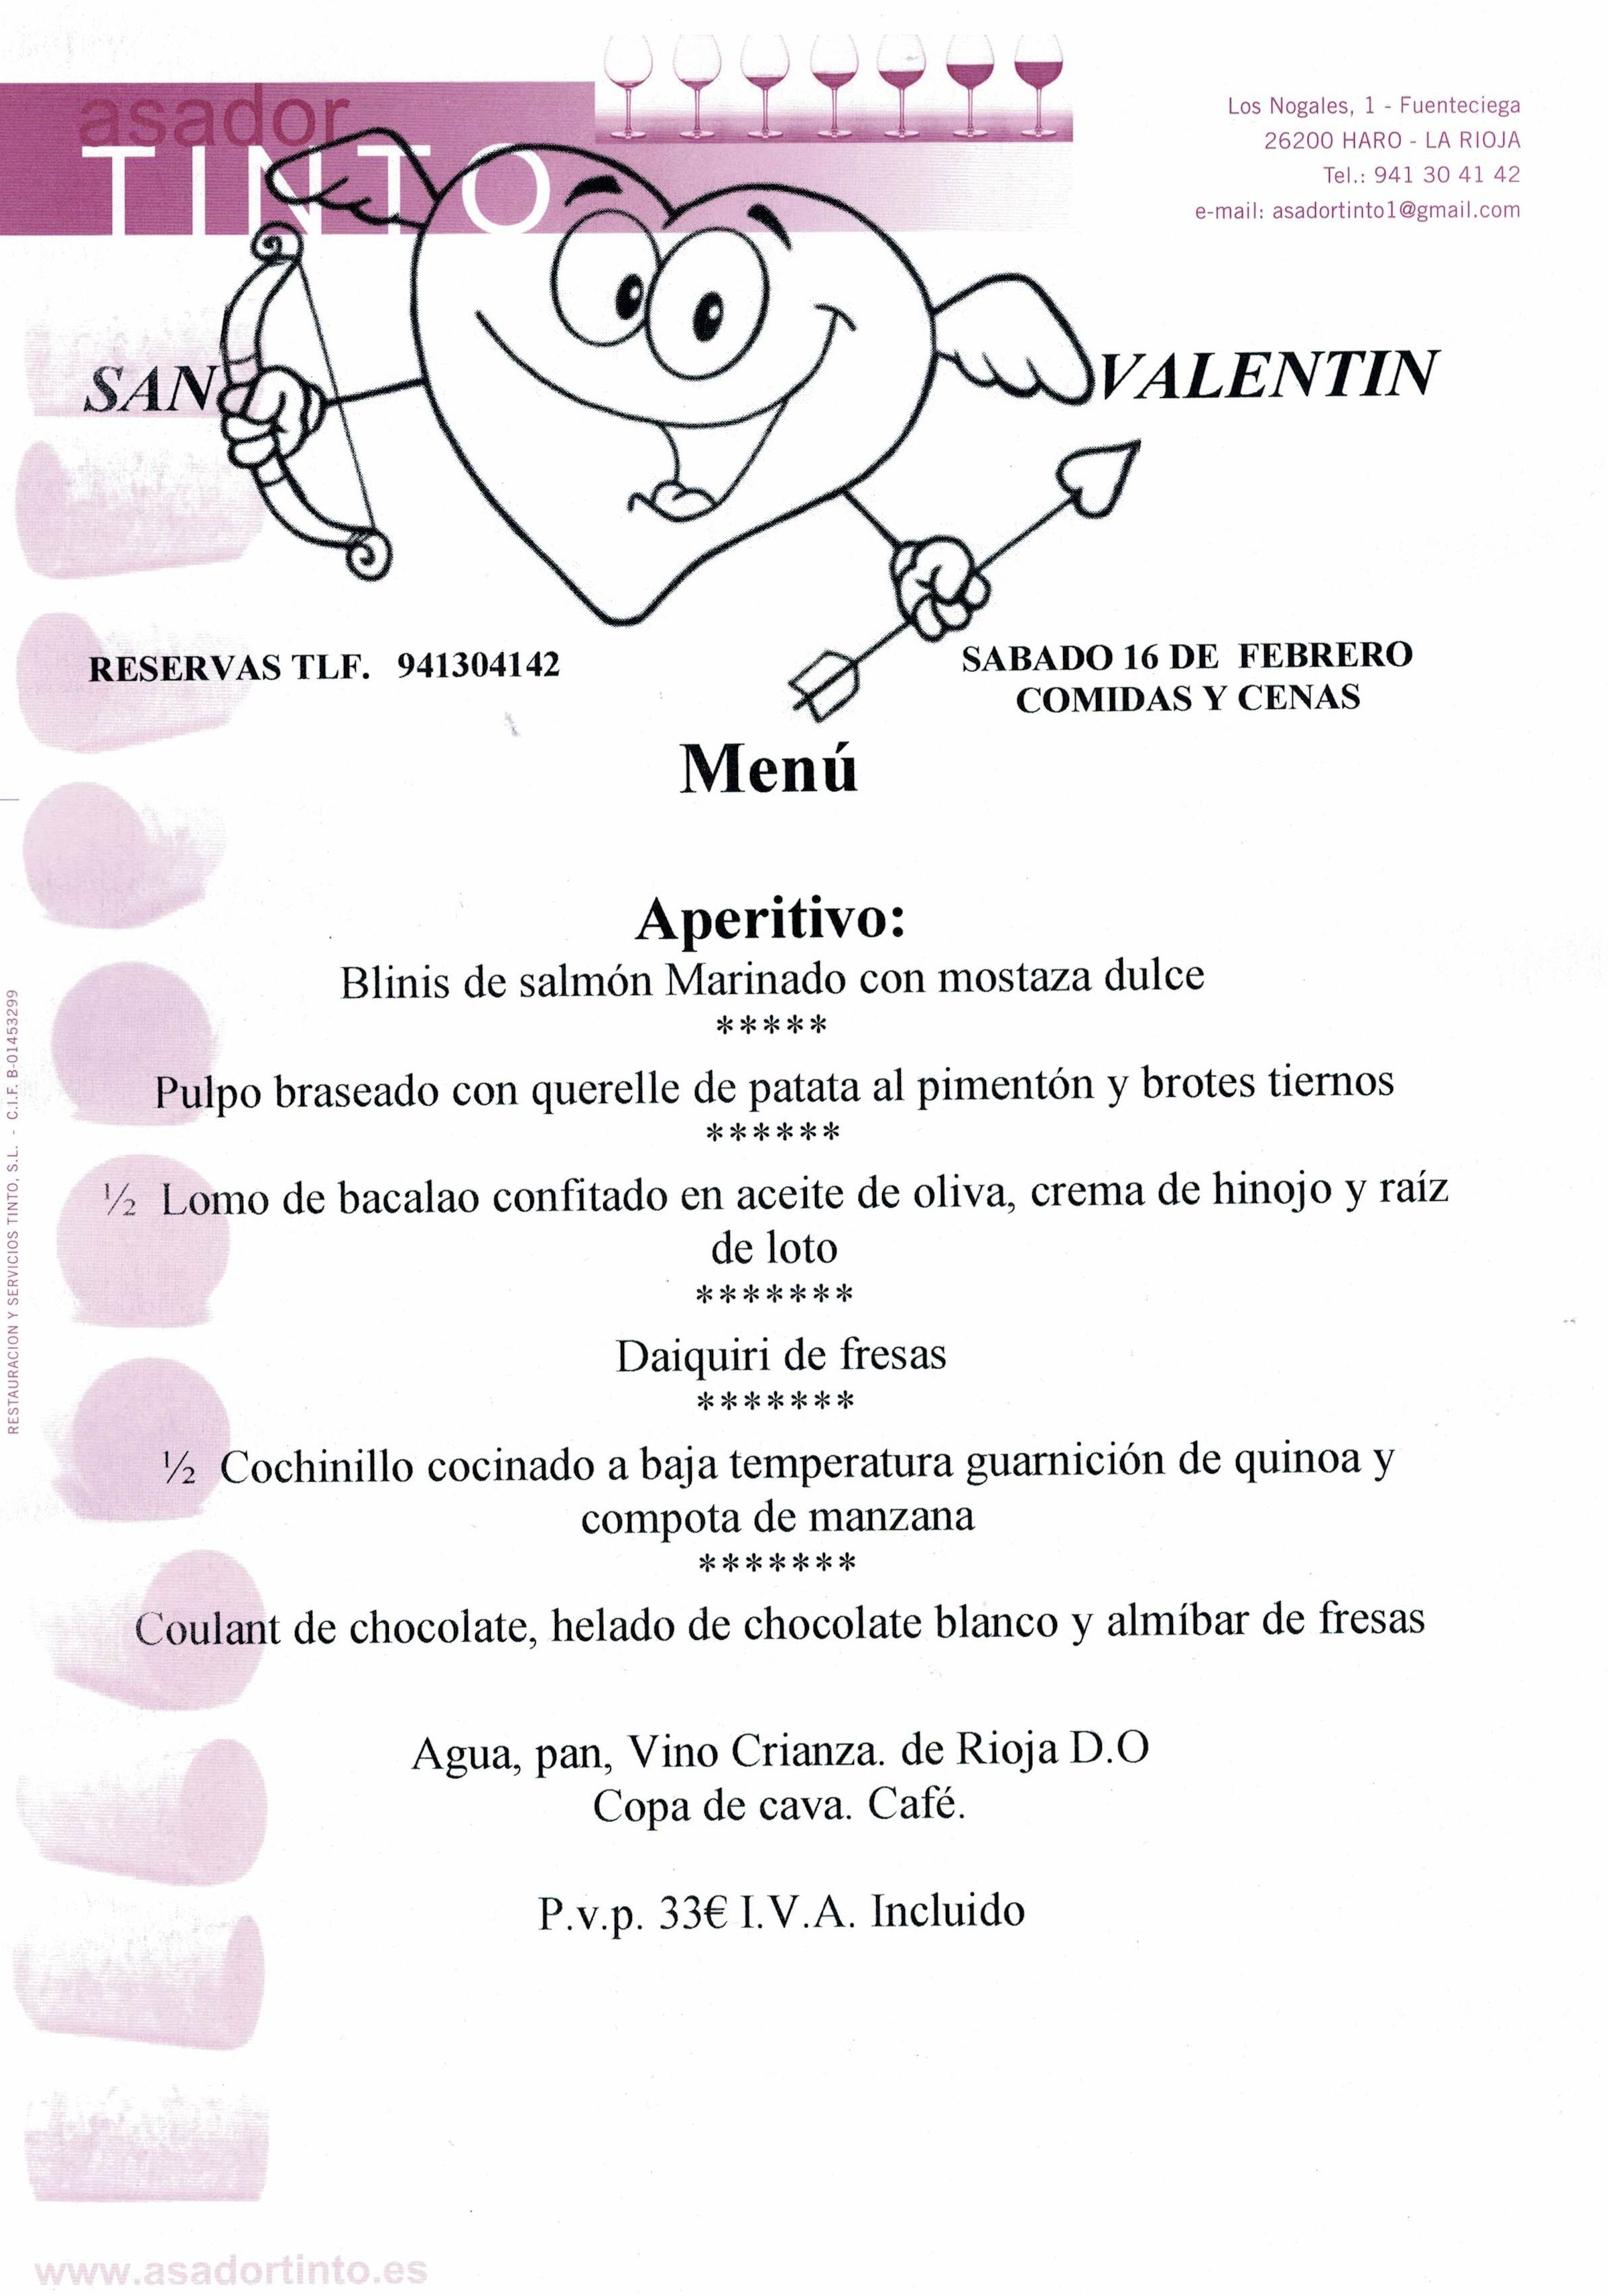 Menú San Valentín: Carta de Asador Tinto